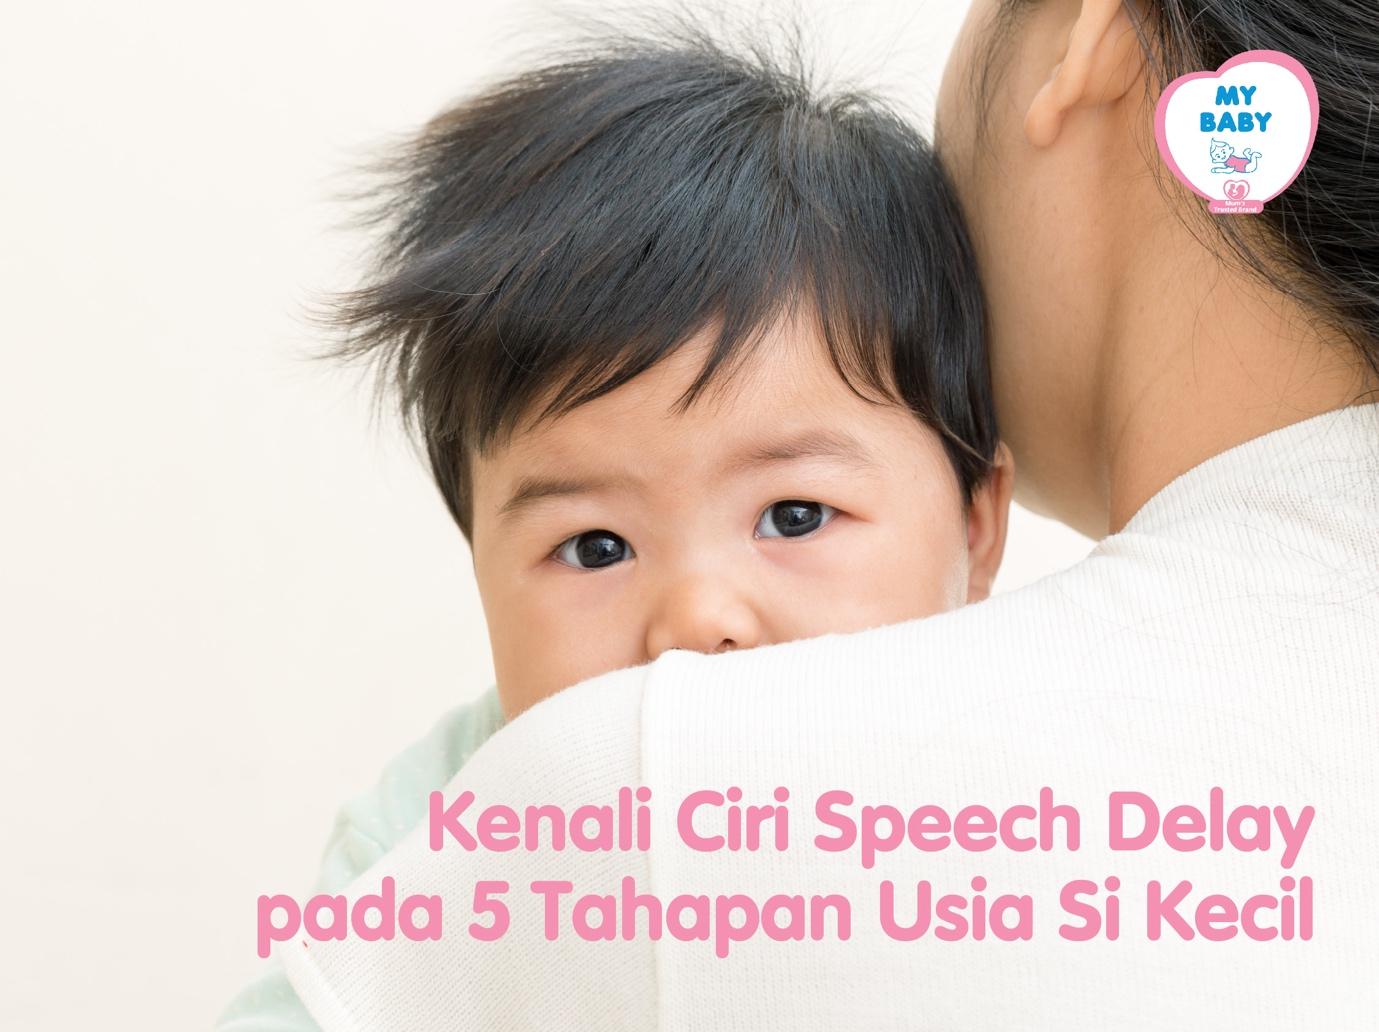 Kenali Ciri Speech Delay Pada 5 Tahapan Usia Si Kecil